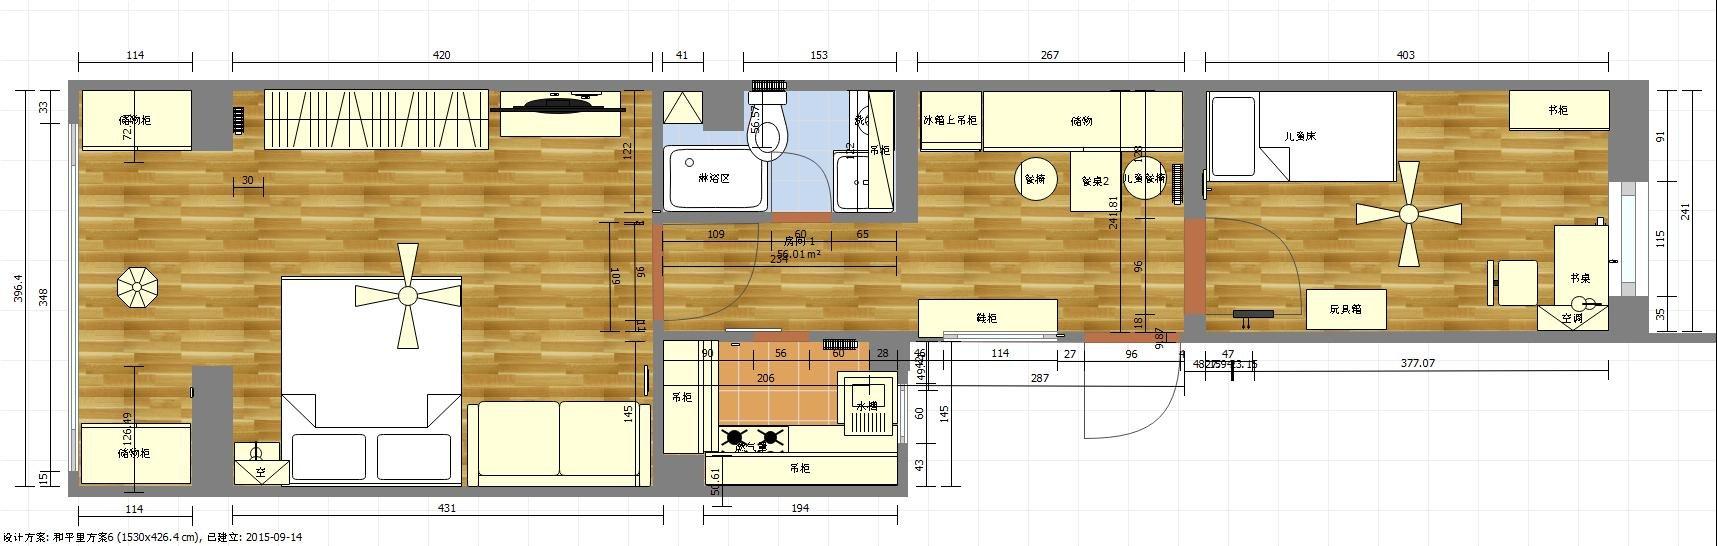 研读篱笆数月经典小户型(80筑2居)学区房历时2个月自行设计求指点